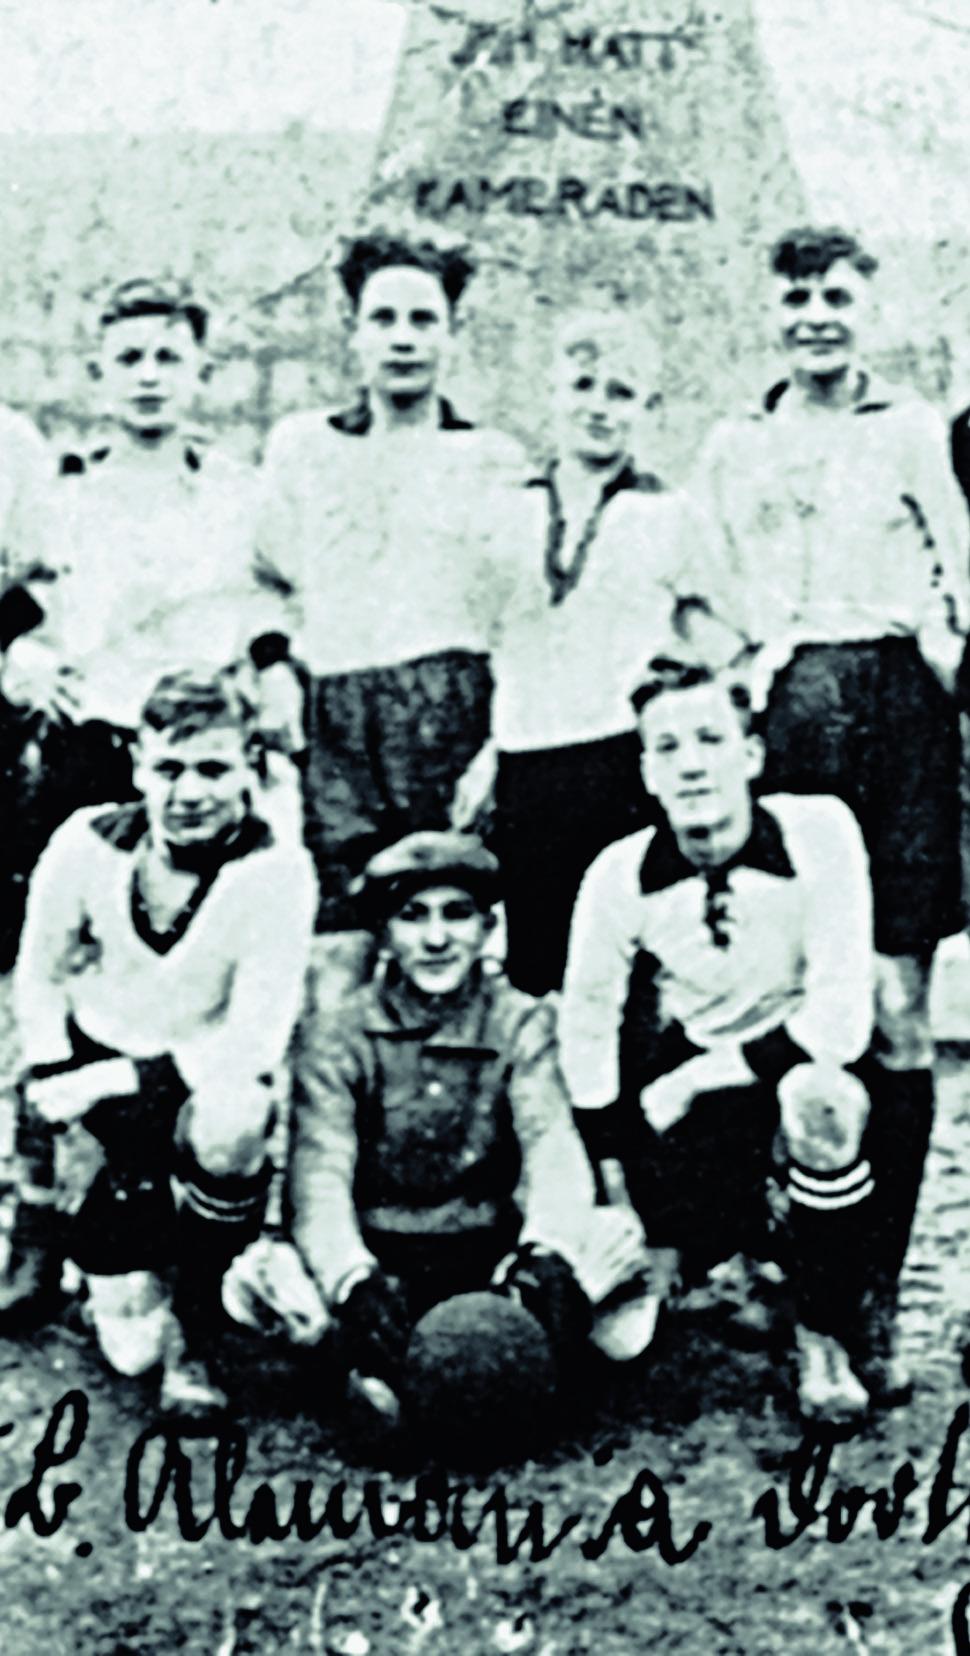 Auch jüdische Fußballer in Dortmund waren der Verfolgung ausgesetzt. Das Foto zeigt in der Mitte Moshe Bramberger, den jüdischen Torhüter des VfB Alemannia.